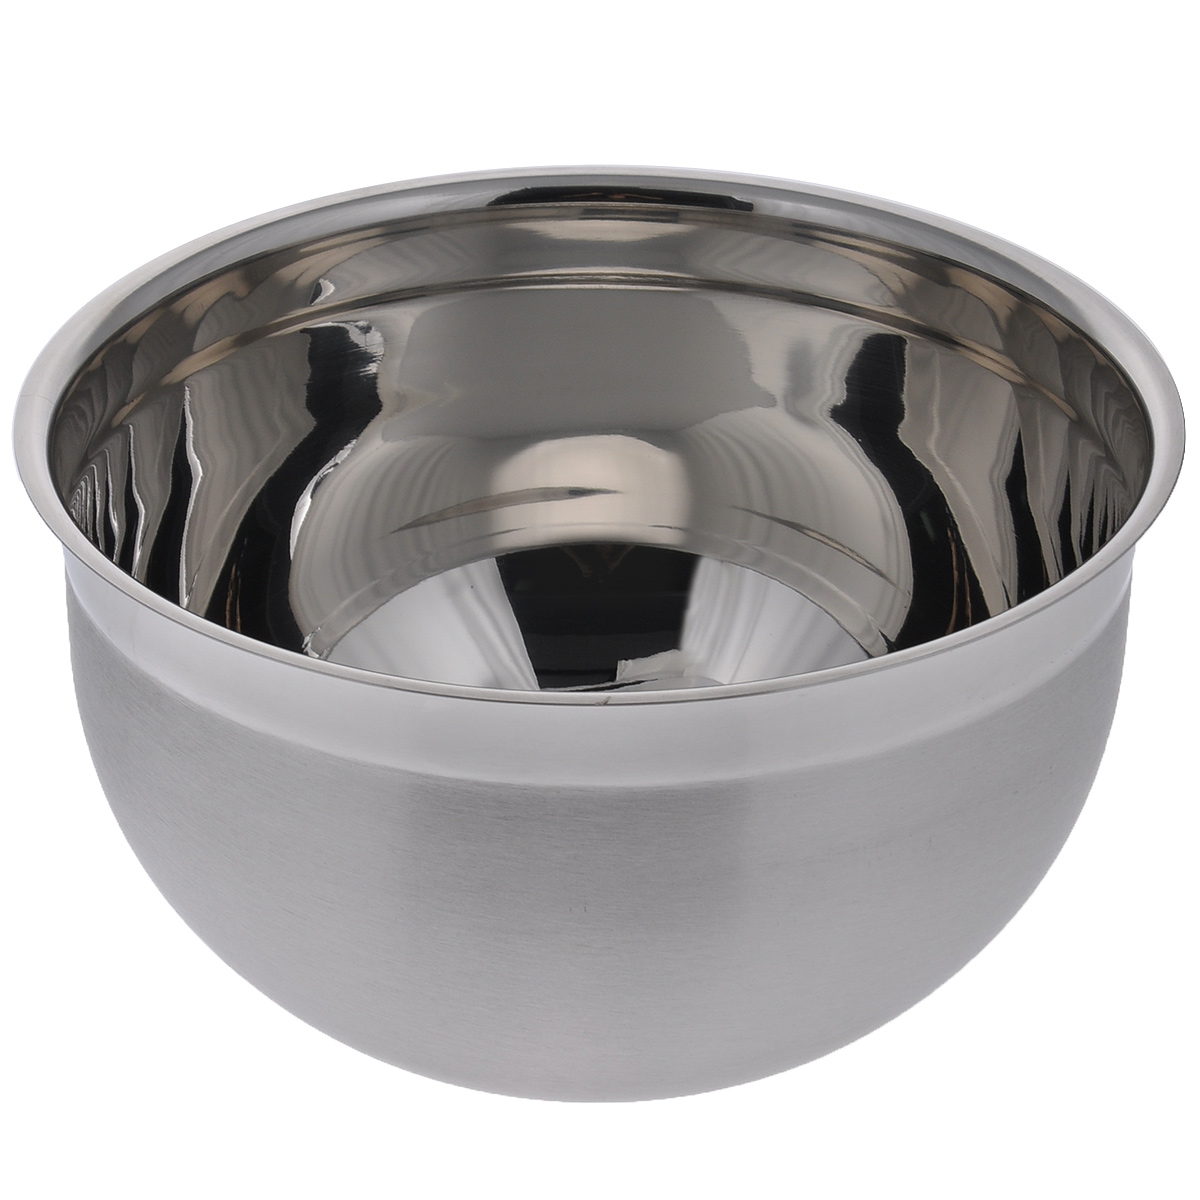 Миска Tescoma Delicia, диаметр 28 см630390Миска Tescoma Delicia, изготовленная из высококачественной нержавеющей стали, просто незаменимая вещь на кухне любой современной хозяйки. С ней приготовление и употребление пищи переходит на качественно новый уровень. Вы сможете использовать ее для замешивания теста, приготовления салата, мытья овощей и многих других кулинарных операций.Можно мыть в посудомоечной машине.